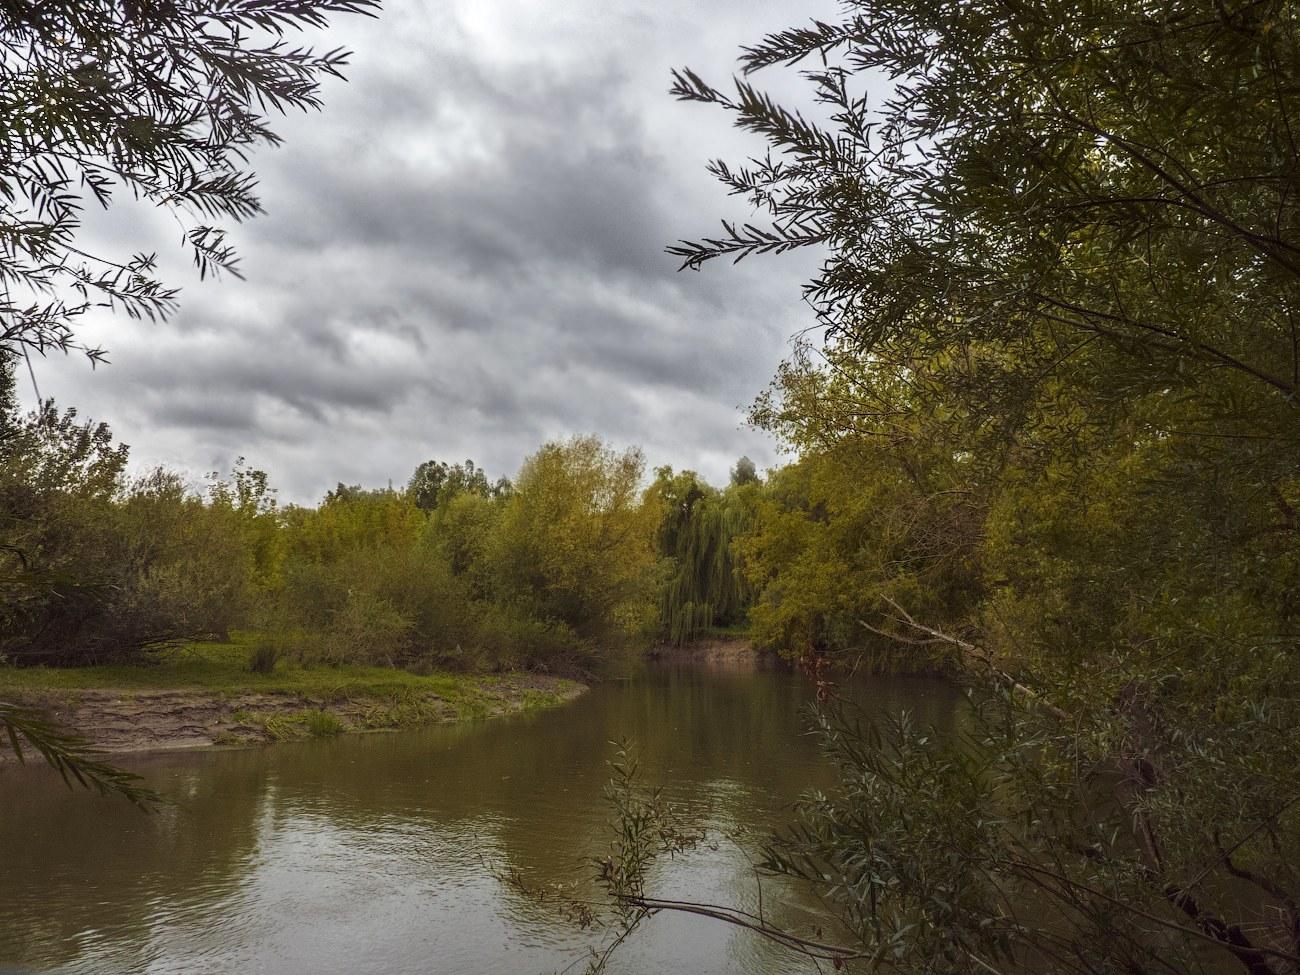 """фото """"В ожидании бабьего лета..."""" метки: пейзаж, природа, вода, деревья, облака, осень"""